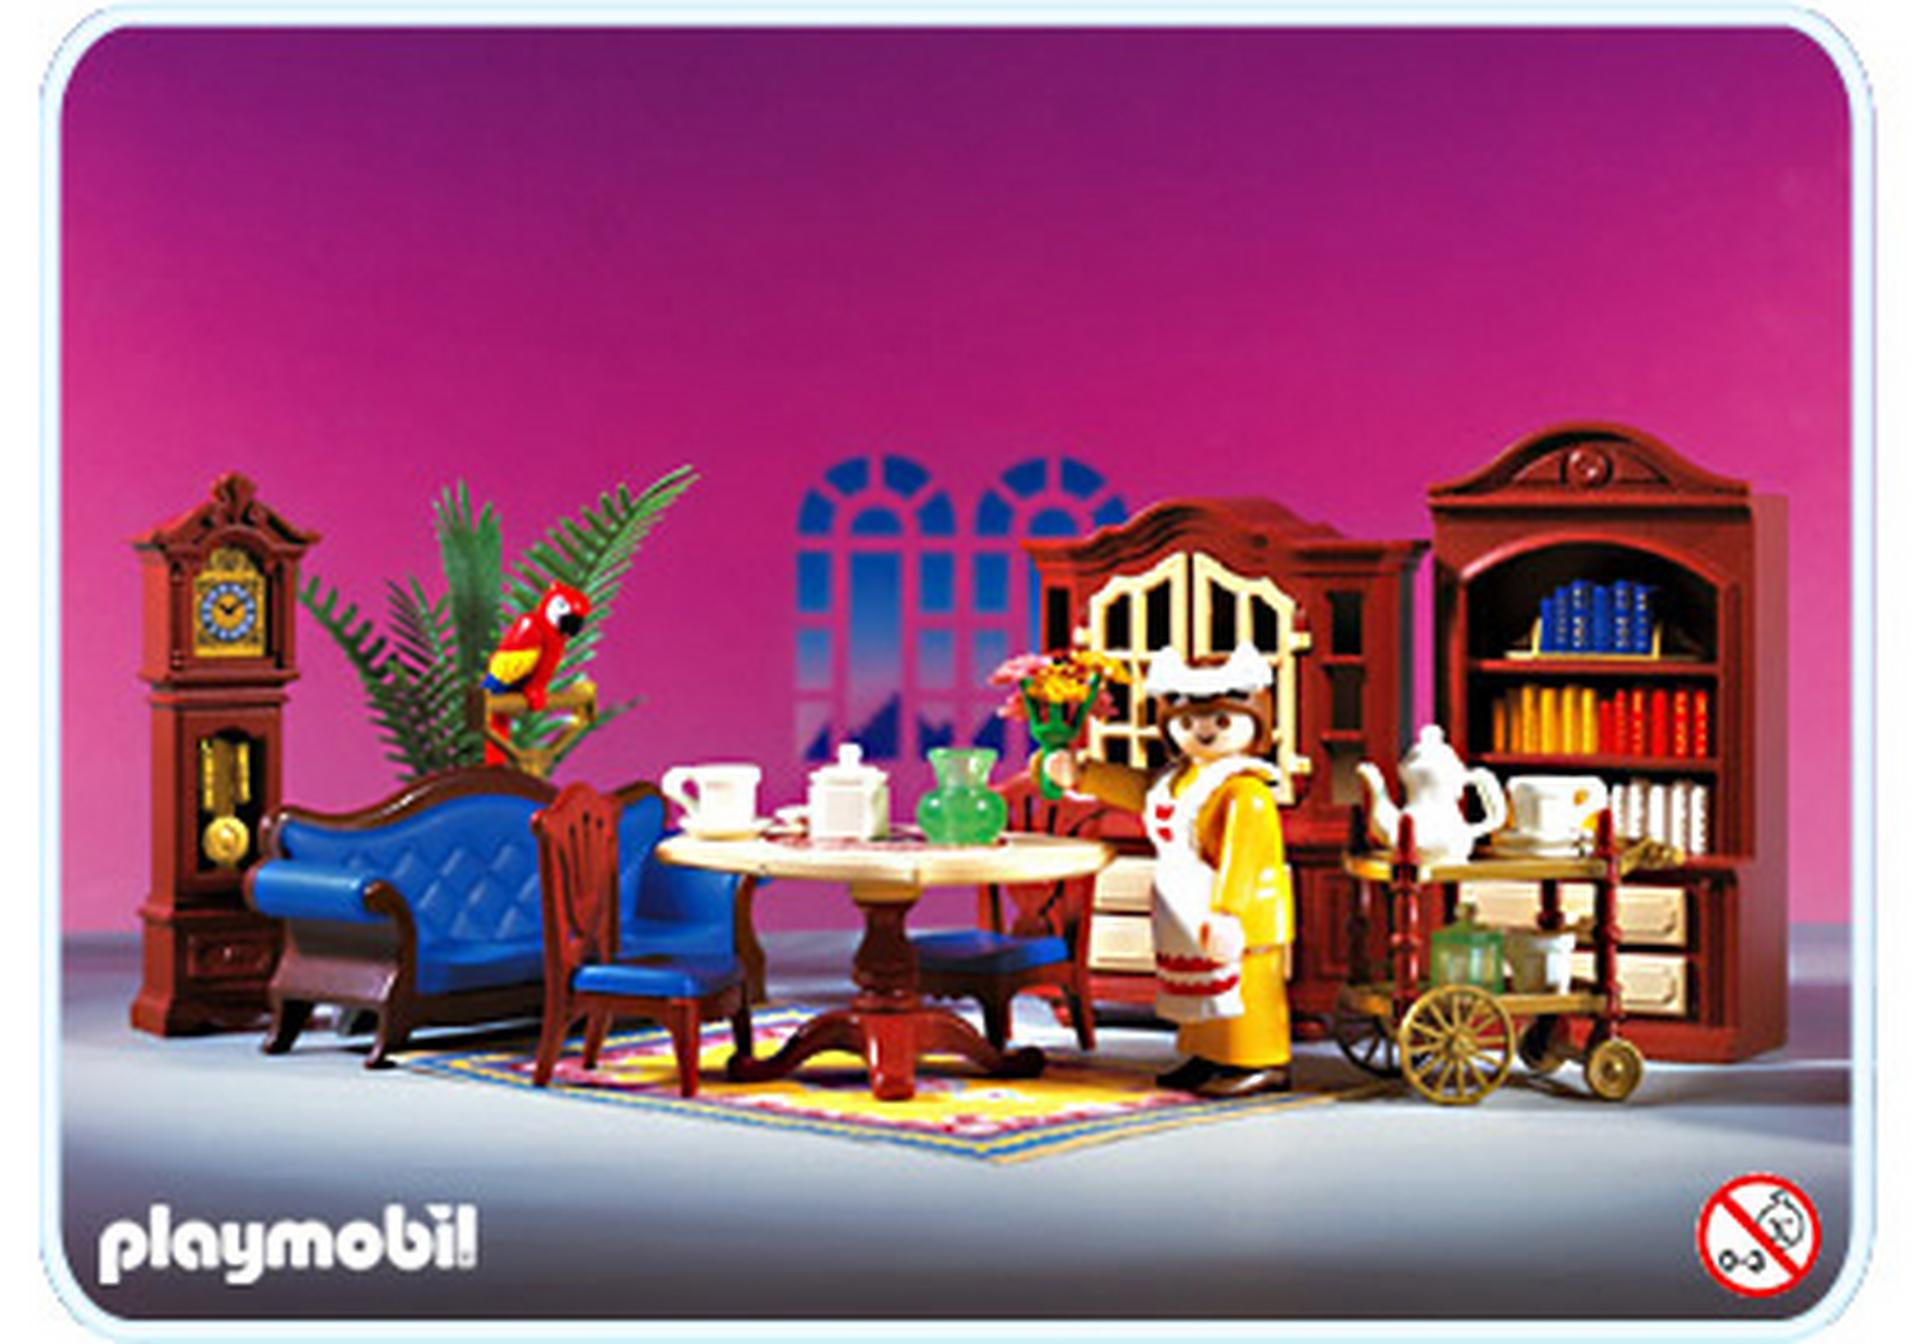 Wohnzimmer 5316 a playmobil deutschland for Jugendzimmer playmobil